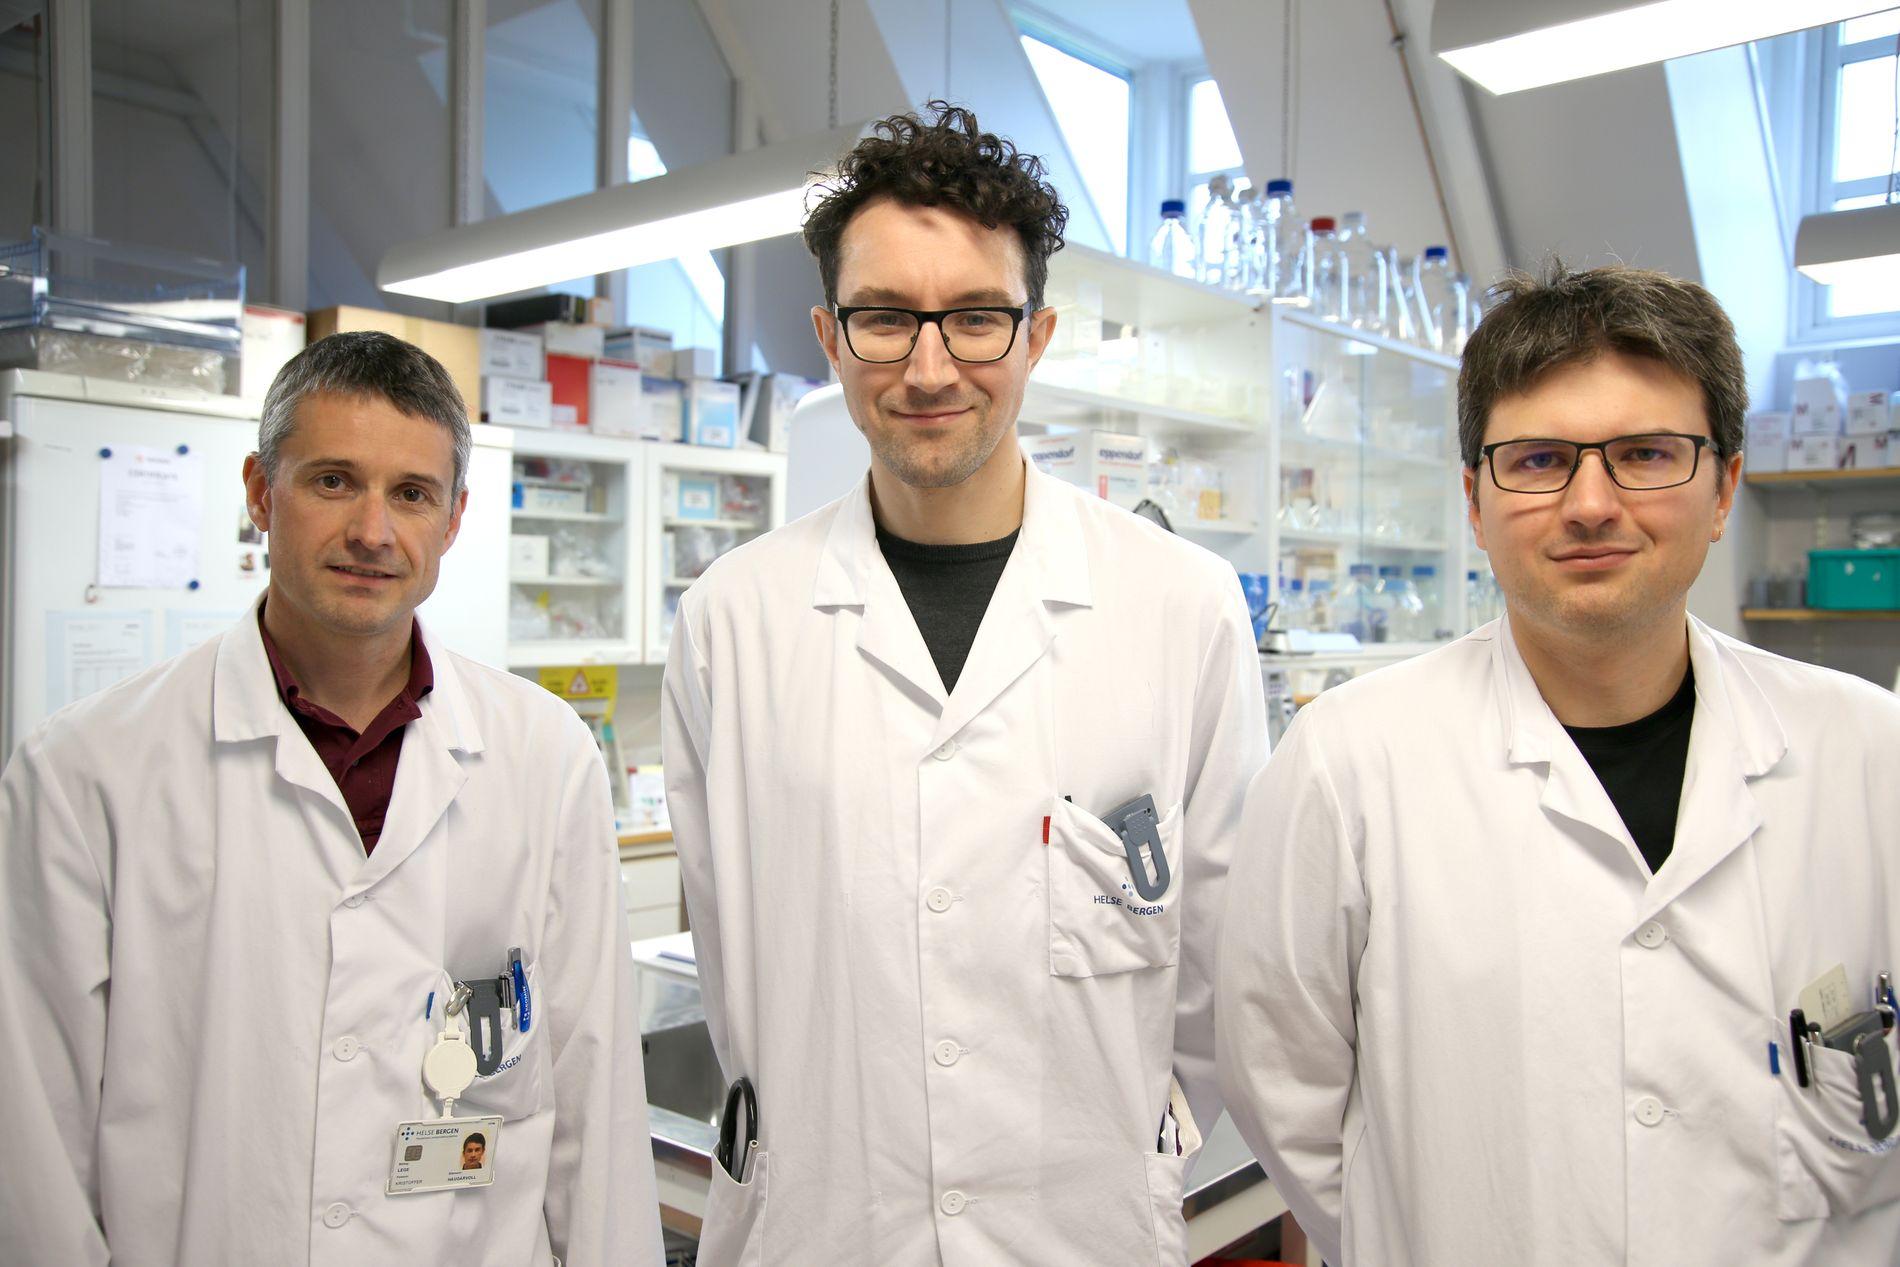 LETER ETTER SVAR: Forskerne ved Universitetet i Bergen har i en ny studie vist hvordan diabetesmedisiner med glitazoner kan redusere risikoen for å utvikle Parkinsons sykdom. Fra venstre overlege Kristoffer Haugarvoll, lege Brage Brakedal og overlege Charalampos Tzoulis, som står bak forskningen.